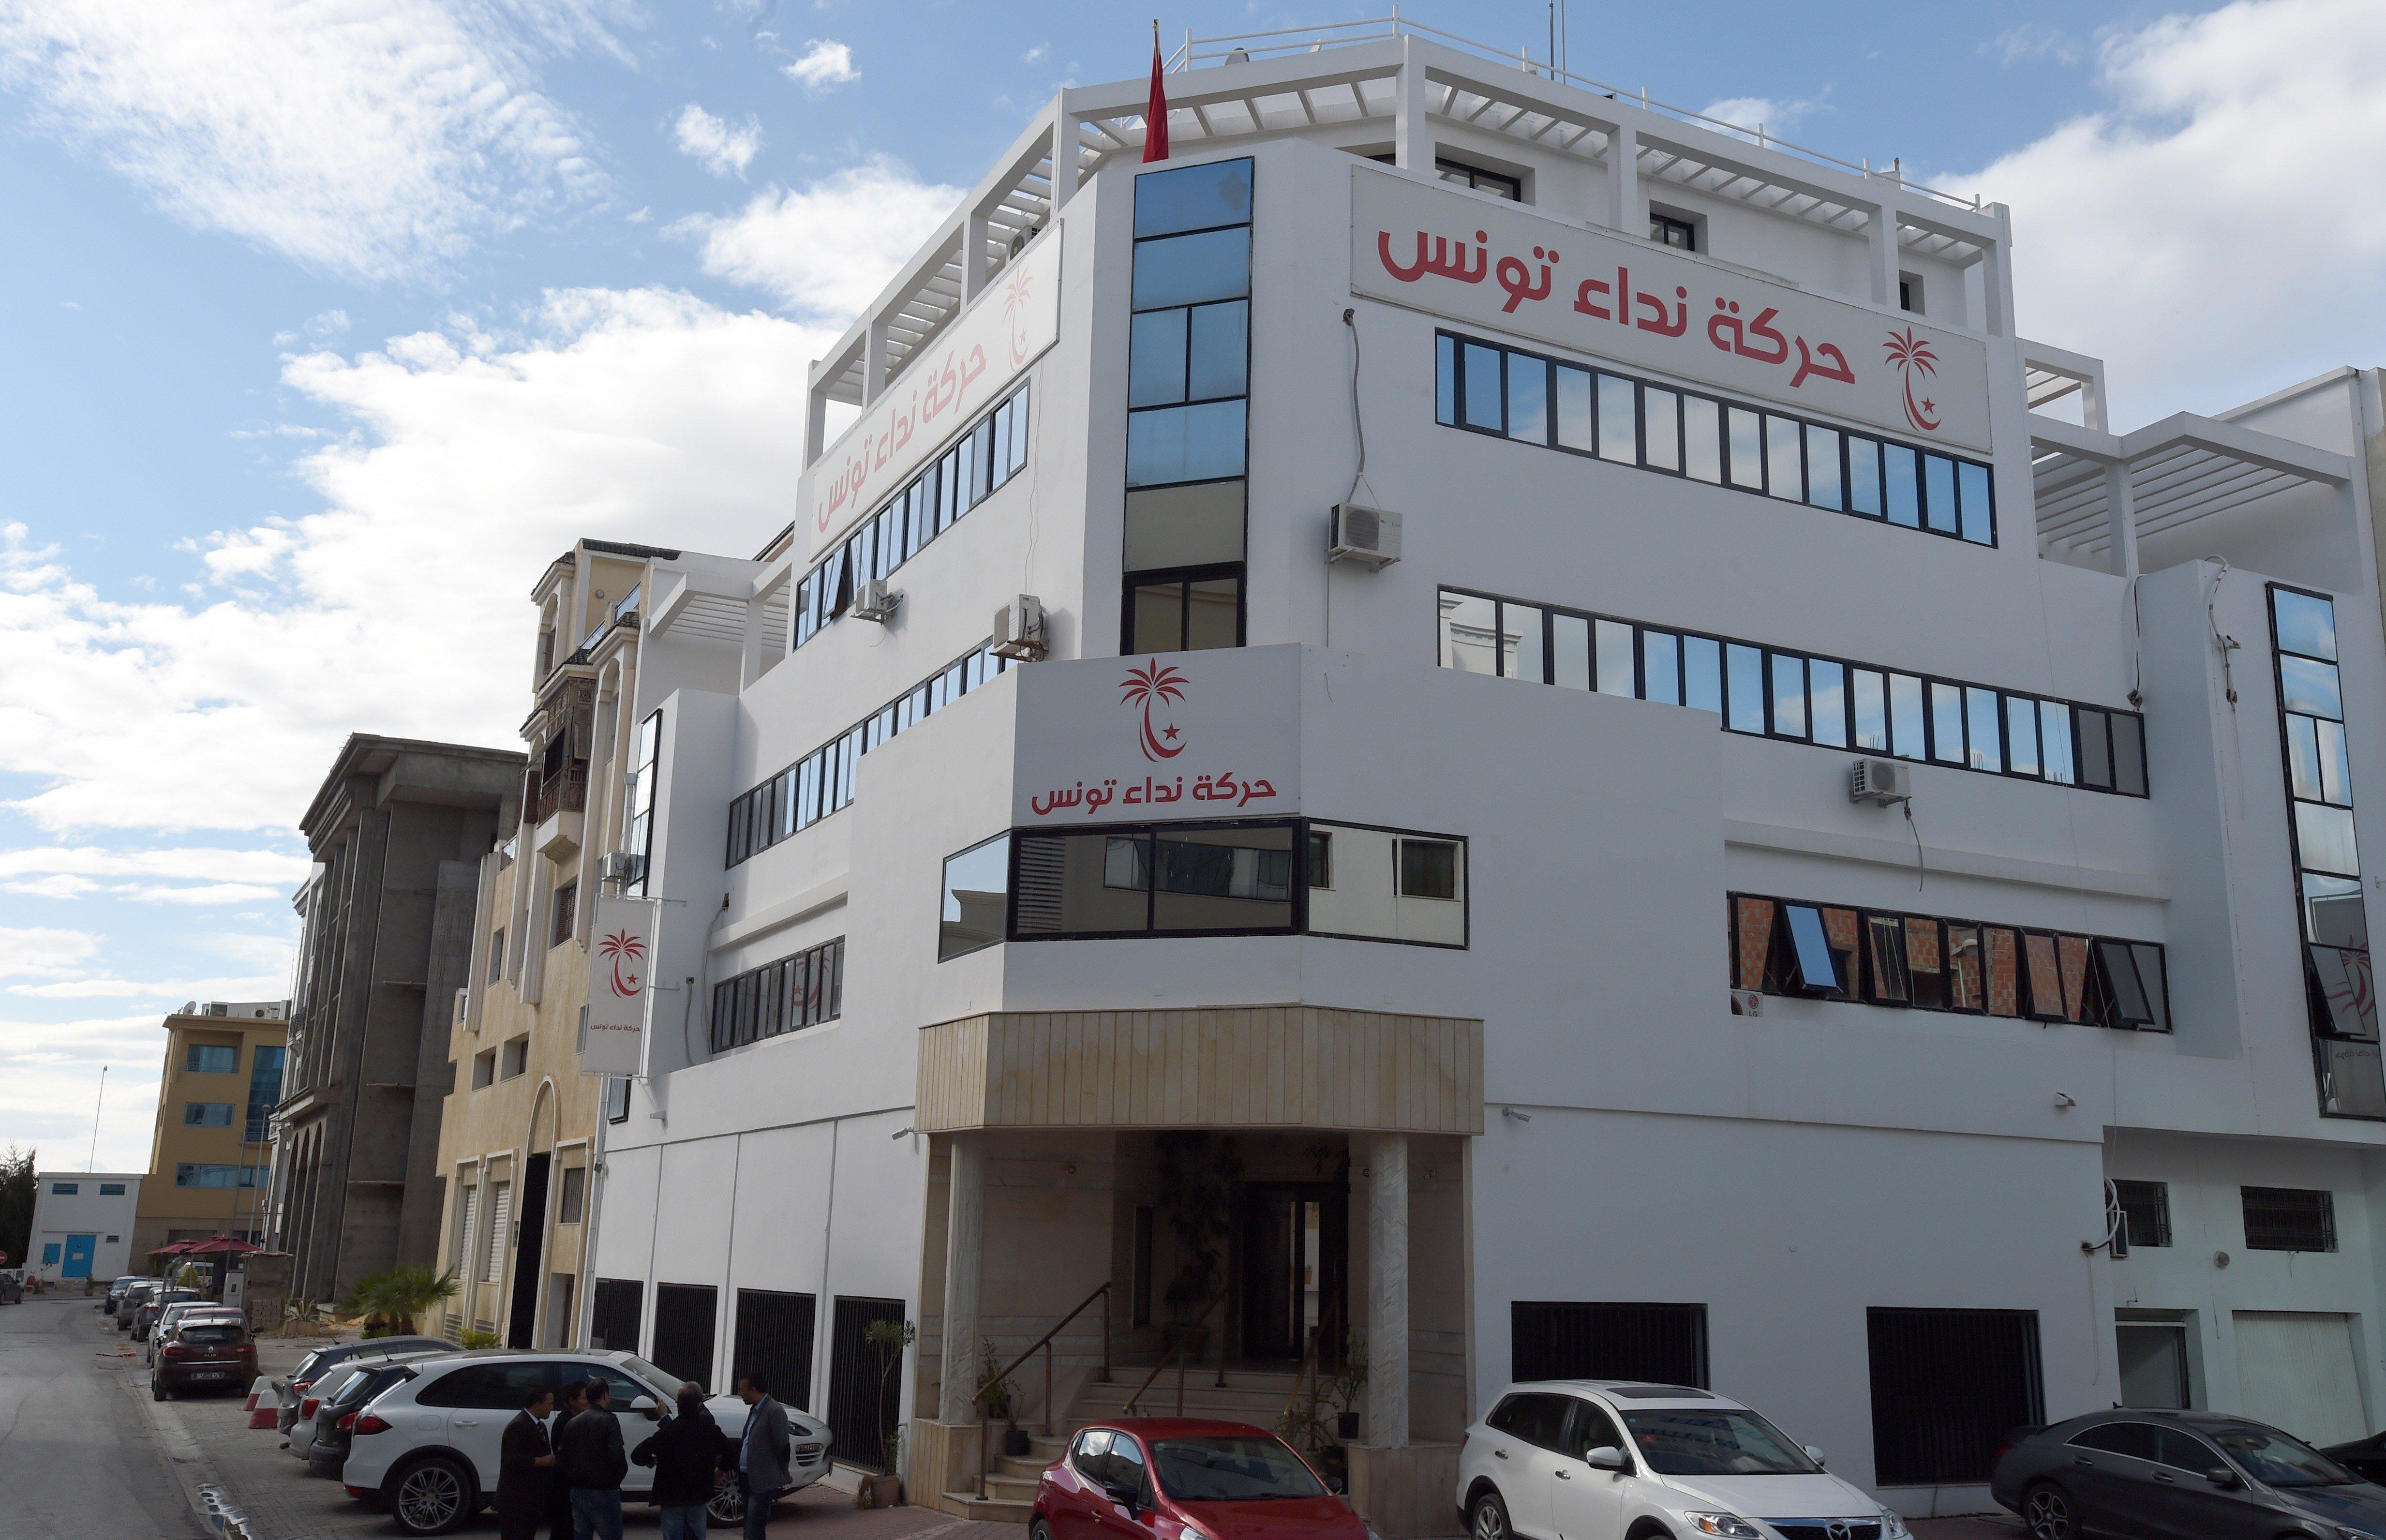 Des policiers en civils devant le siège de Nidaa Tounes? Le ministère de l'Intérieur